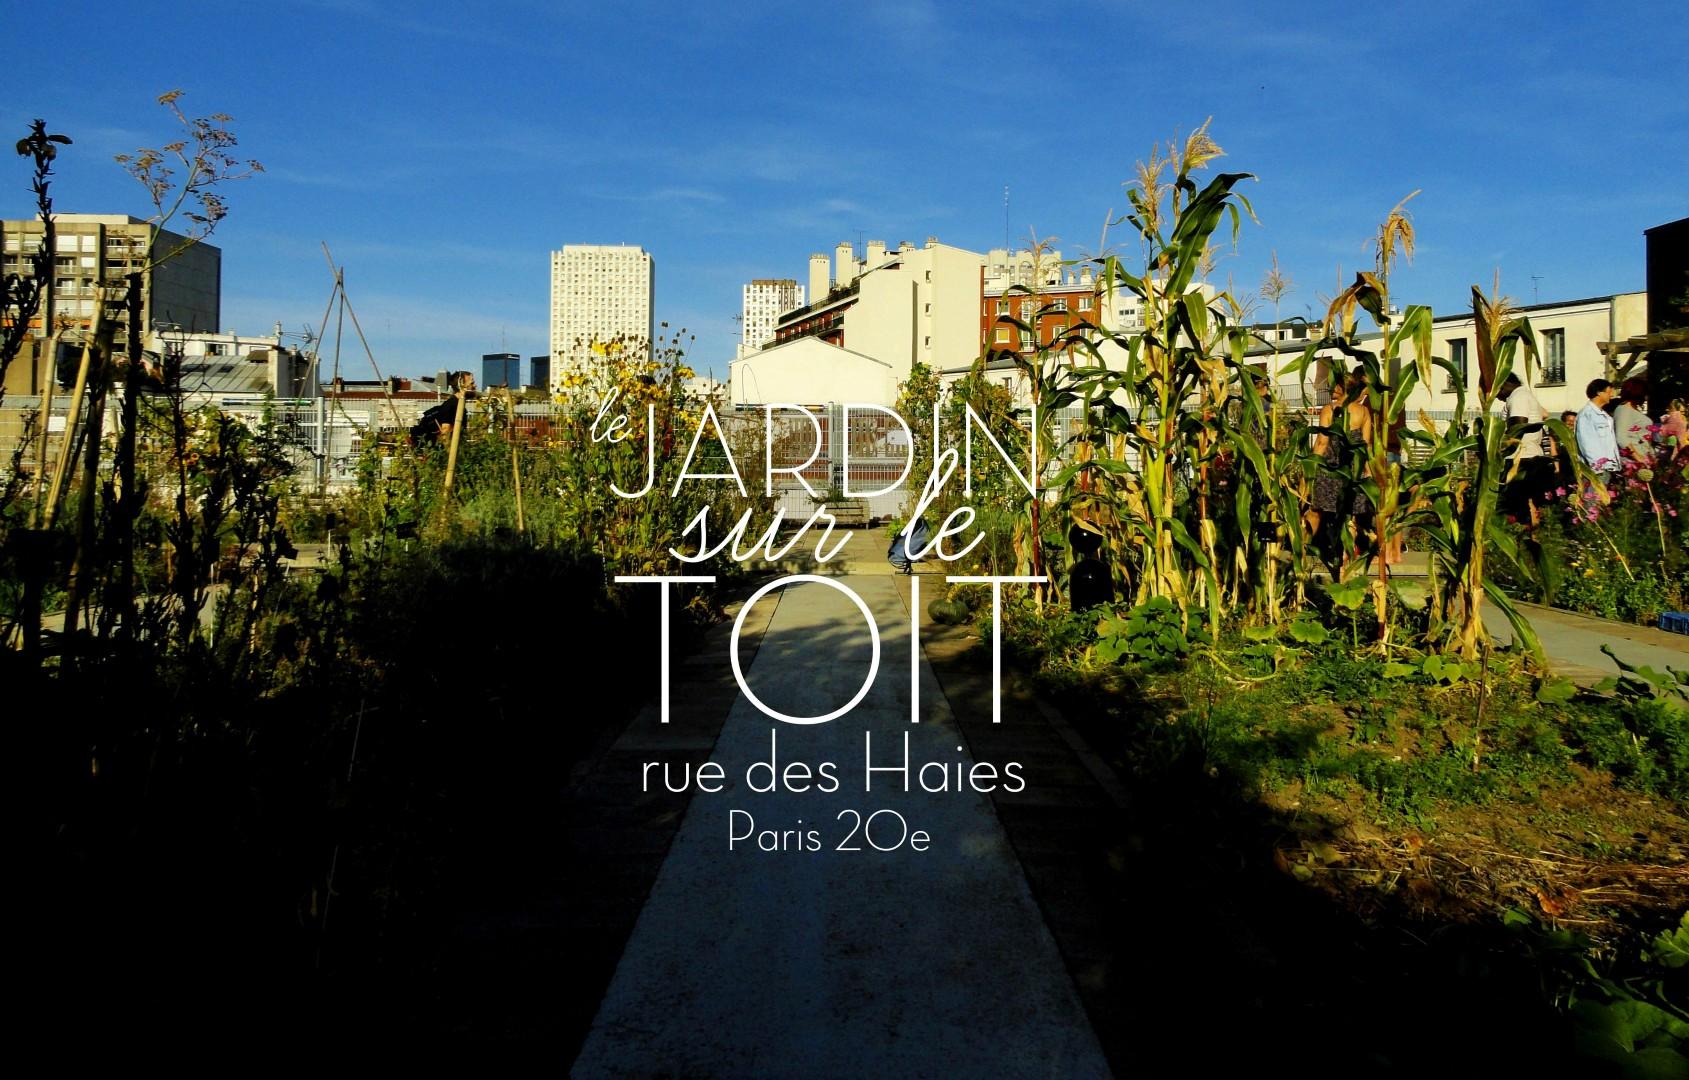 Le jardin sur le toit rue des haies paris 20e un for Le jardin 21 rue de la federation